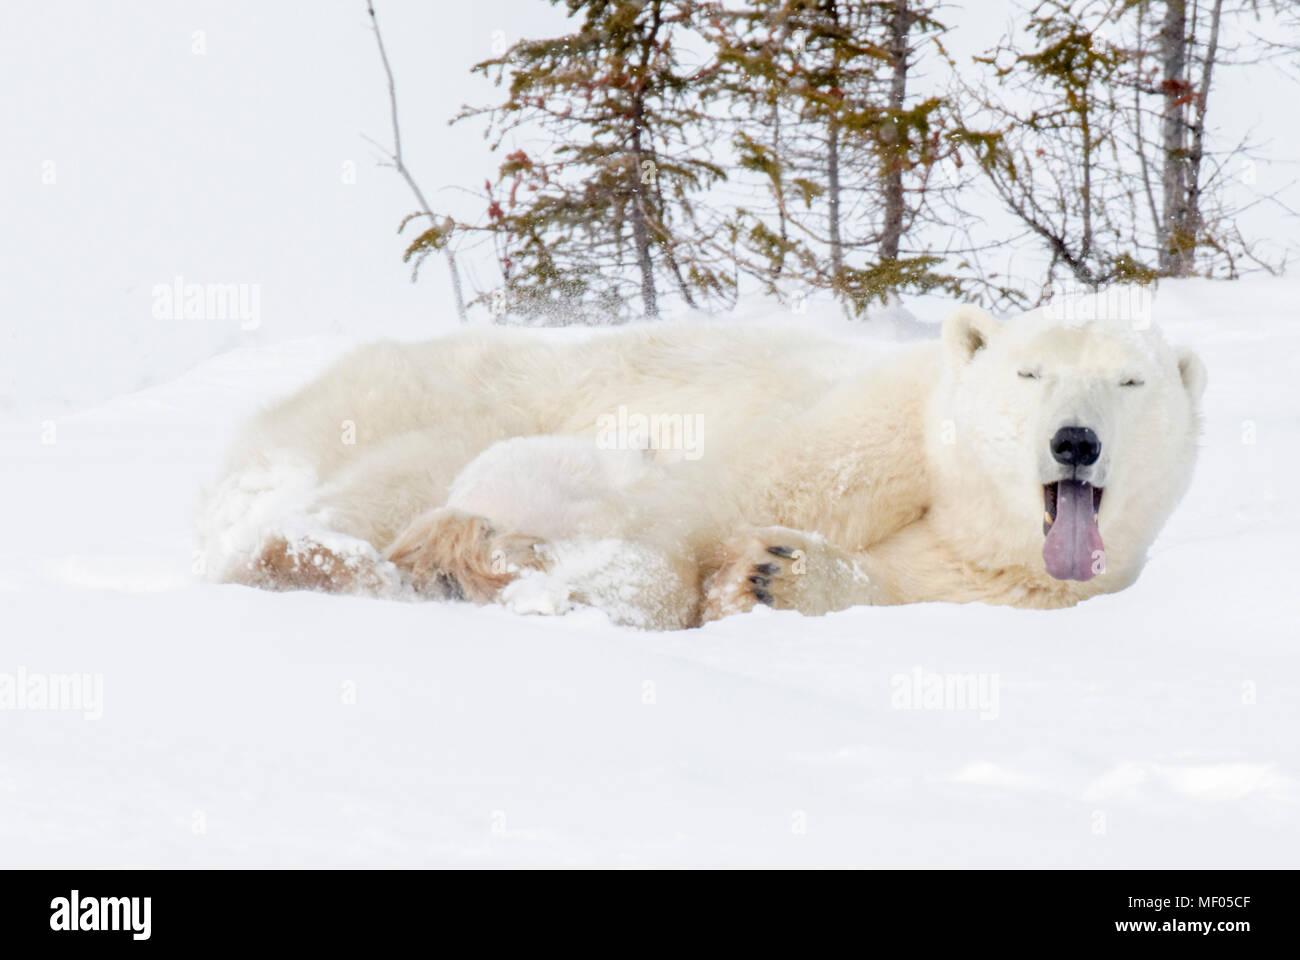 La madre intenta descansar como sus dos oseznos empiezan a activo. Ella es una fuente de comida, una cama y un corralito. Imagen De Stock